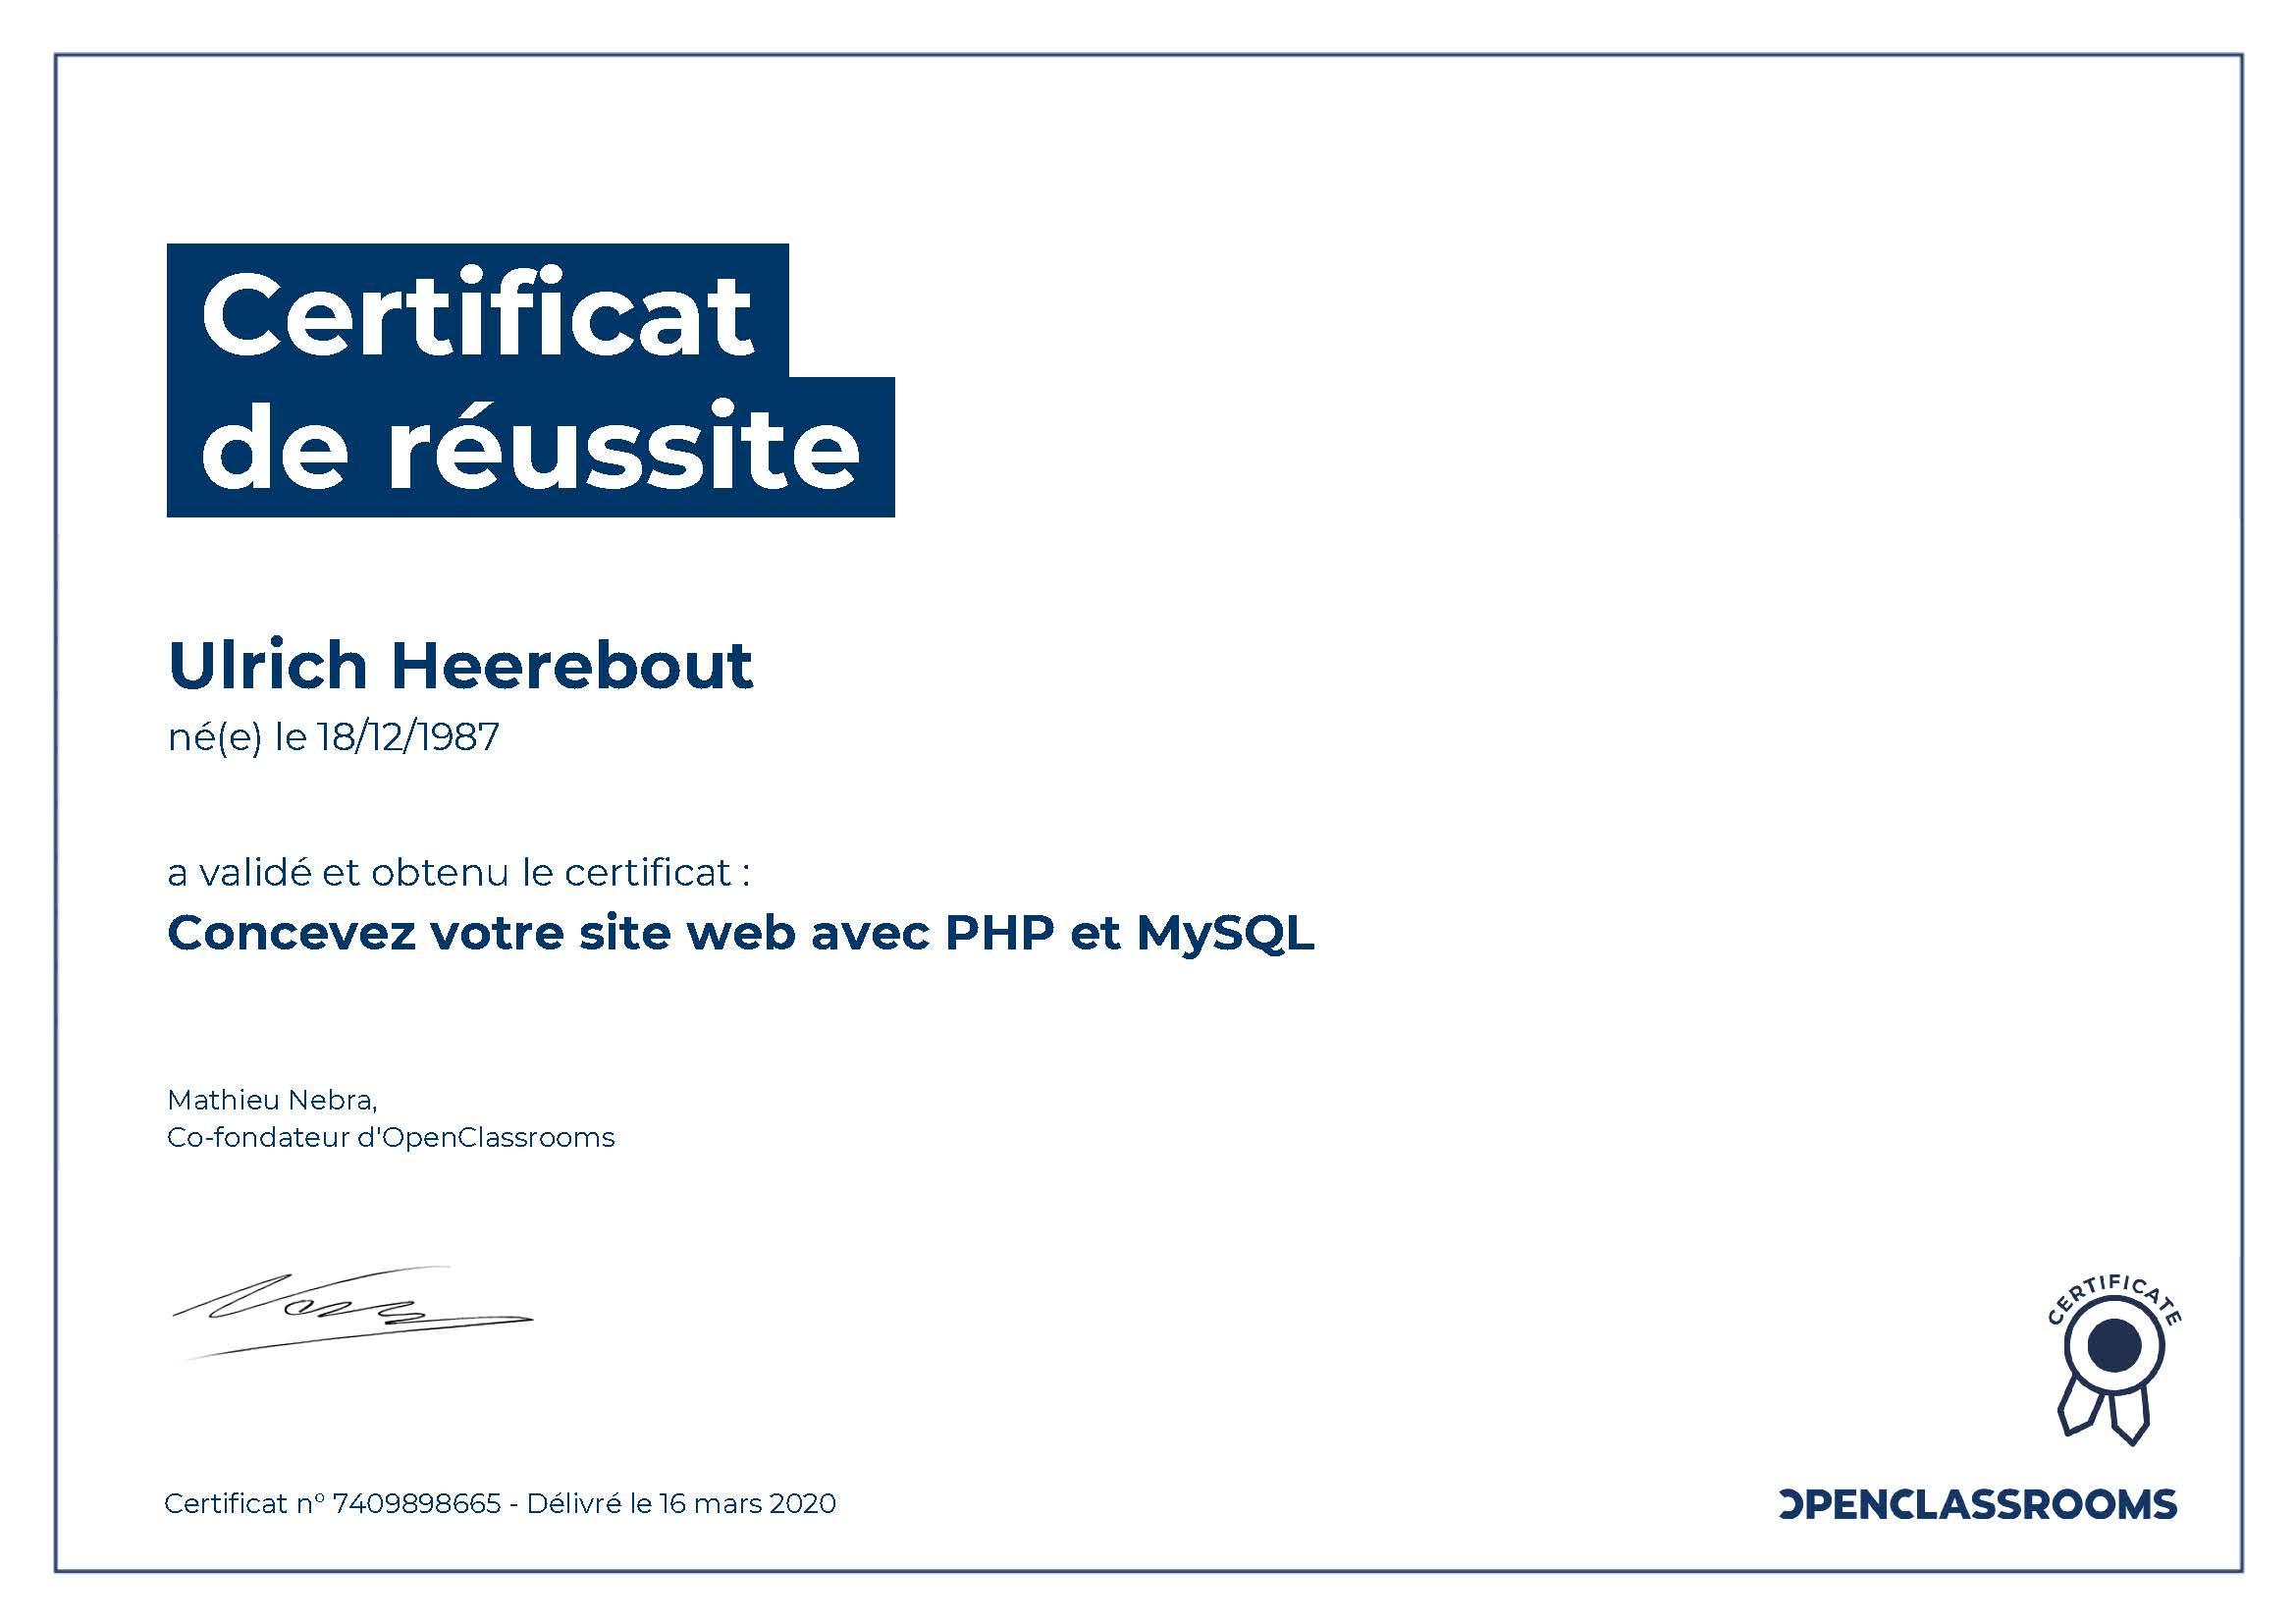 Certificat de réussite PHP MYSQL